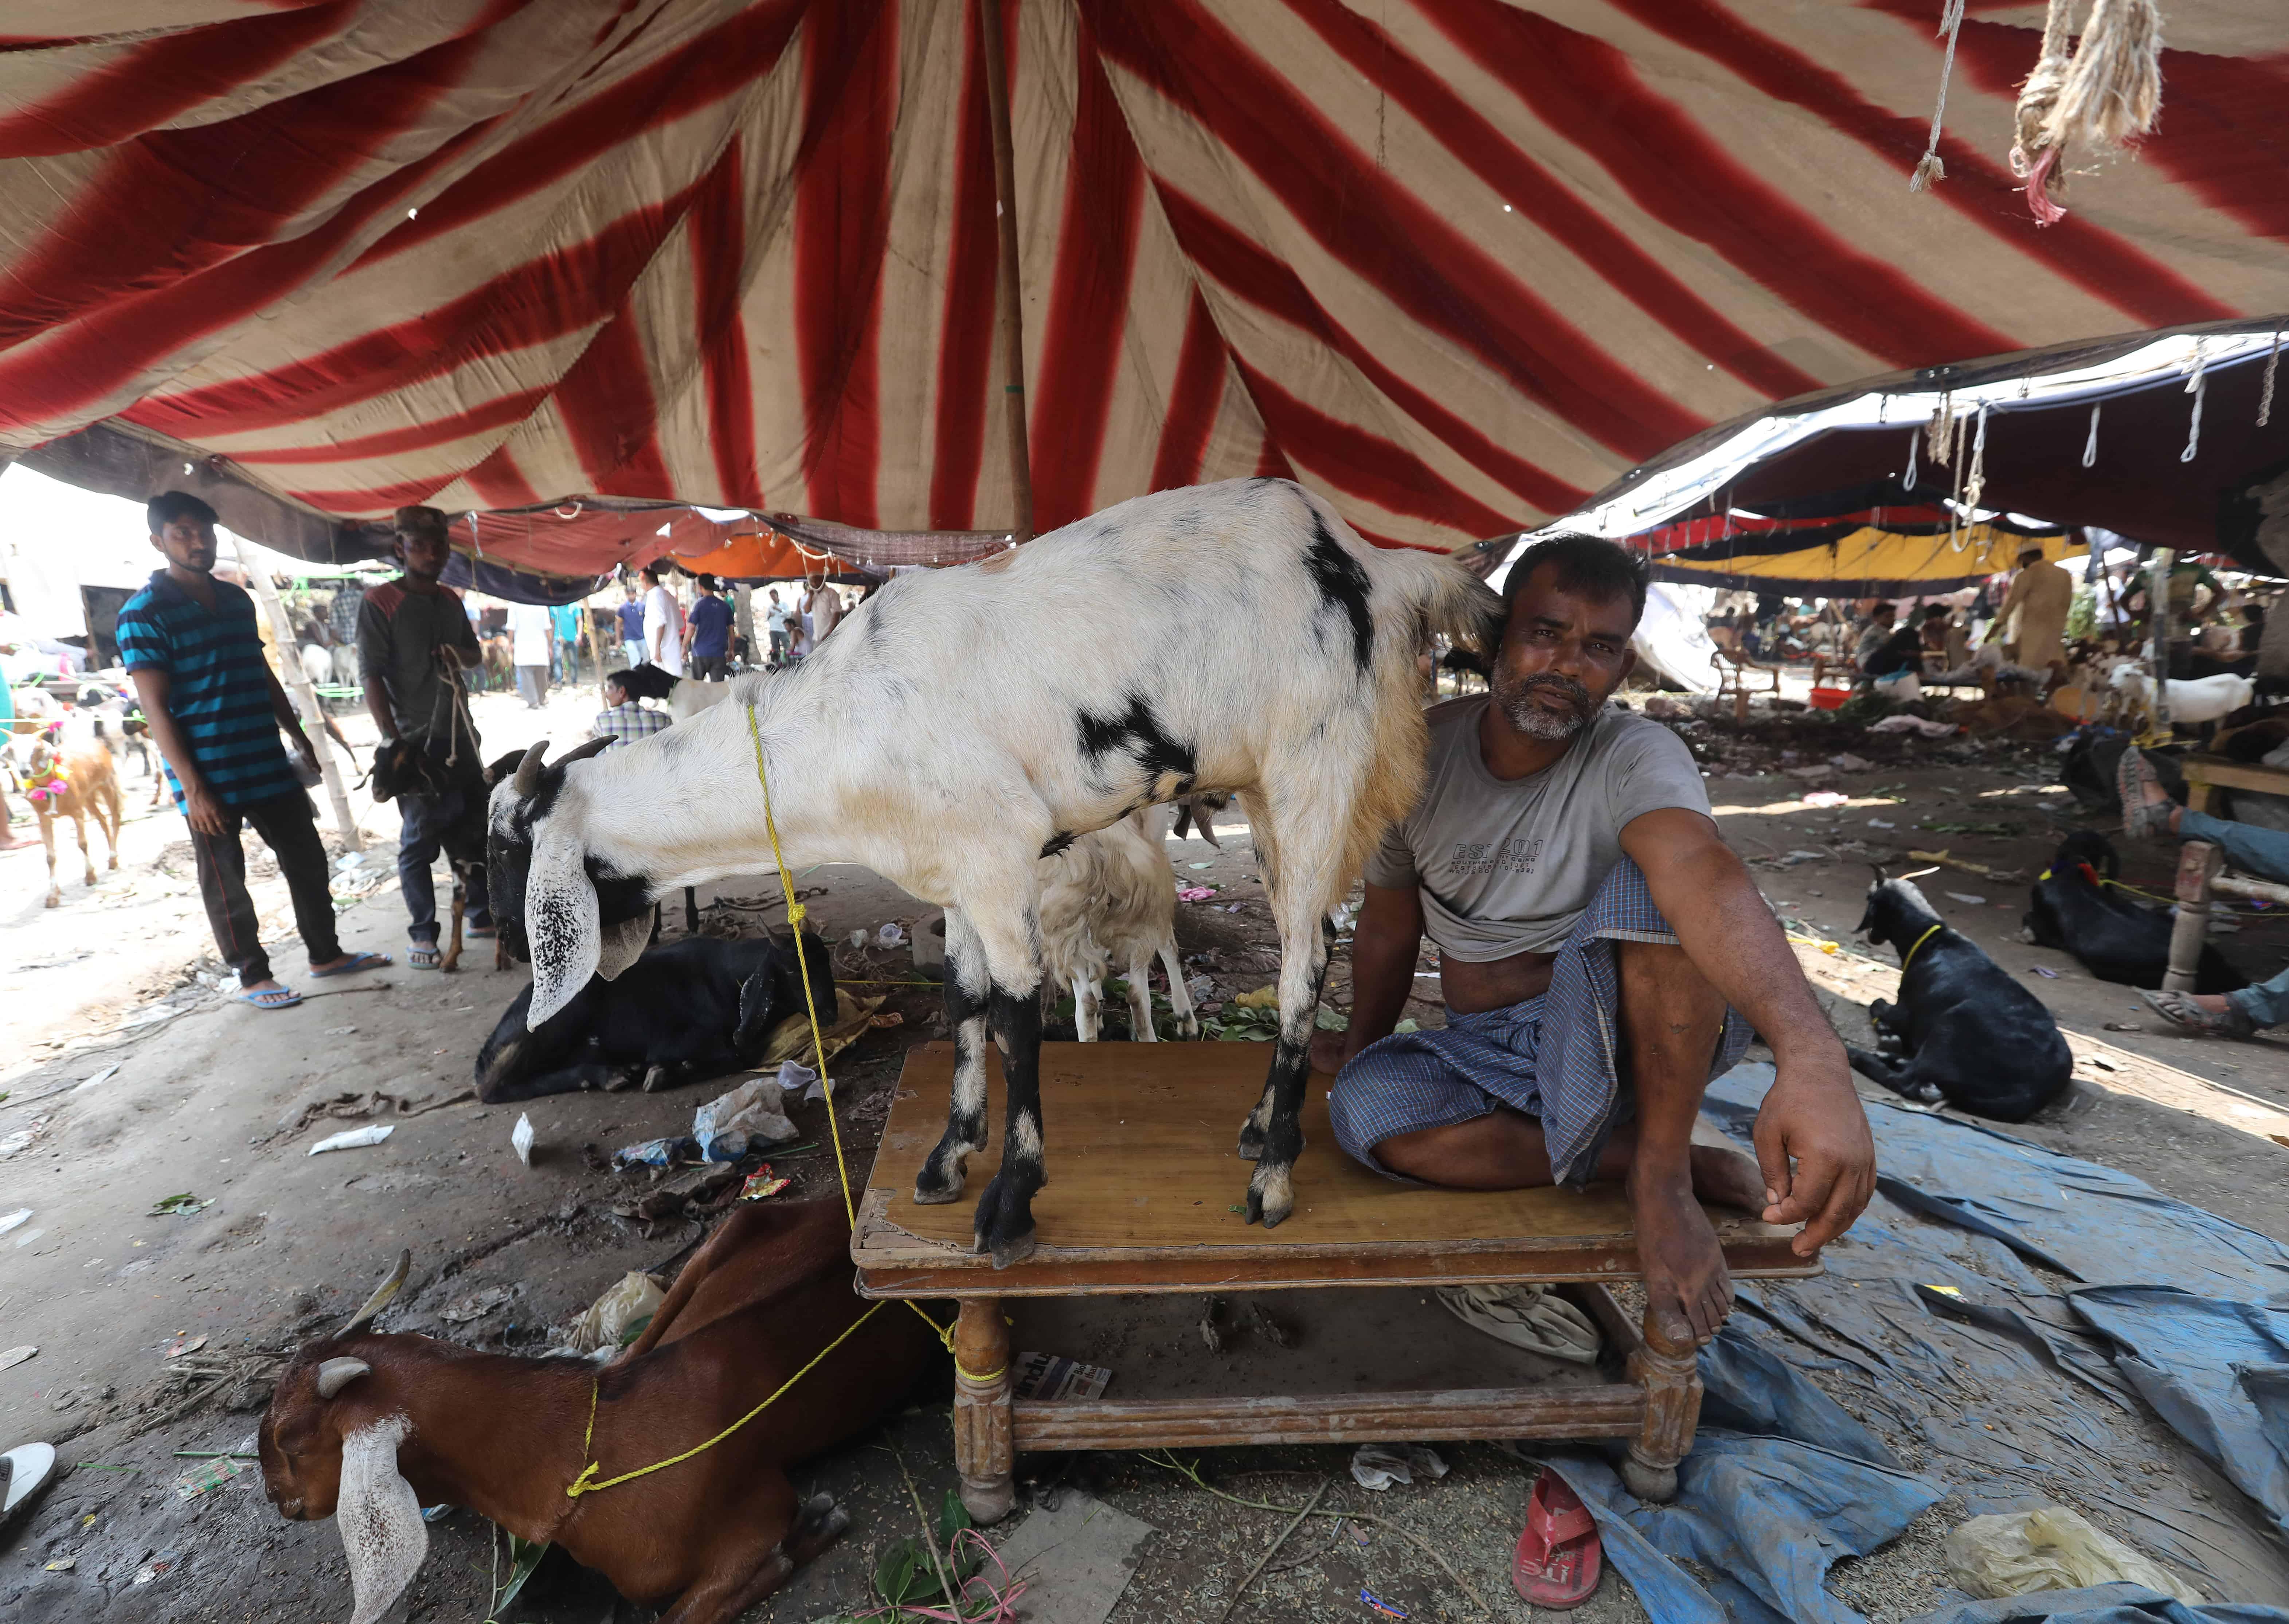 Een man zit naast een geit op tafel in een tent in India.